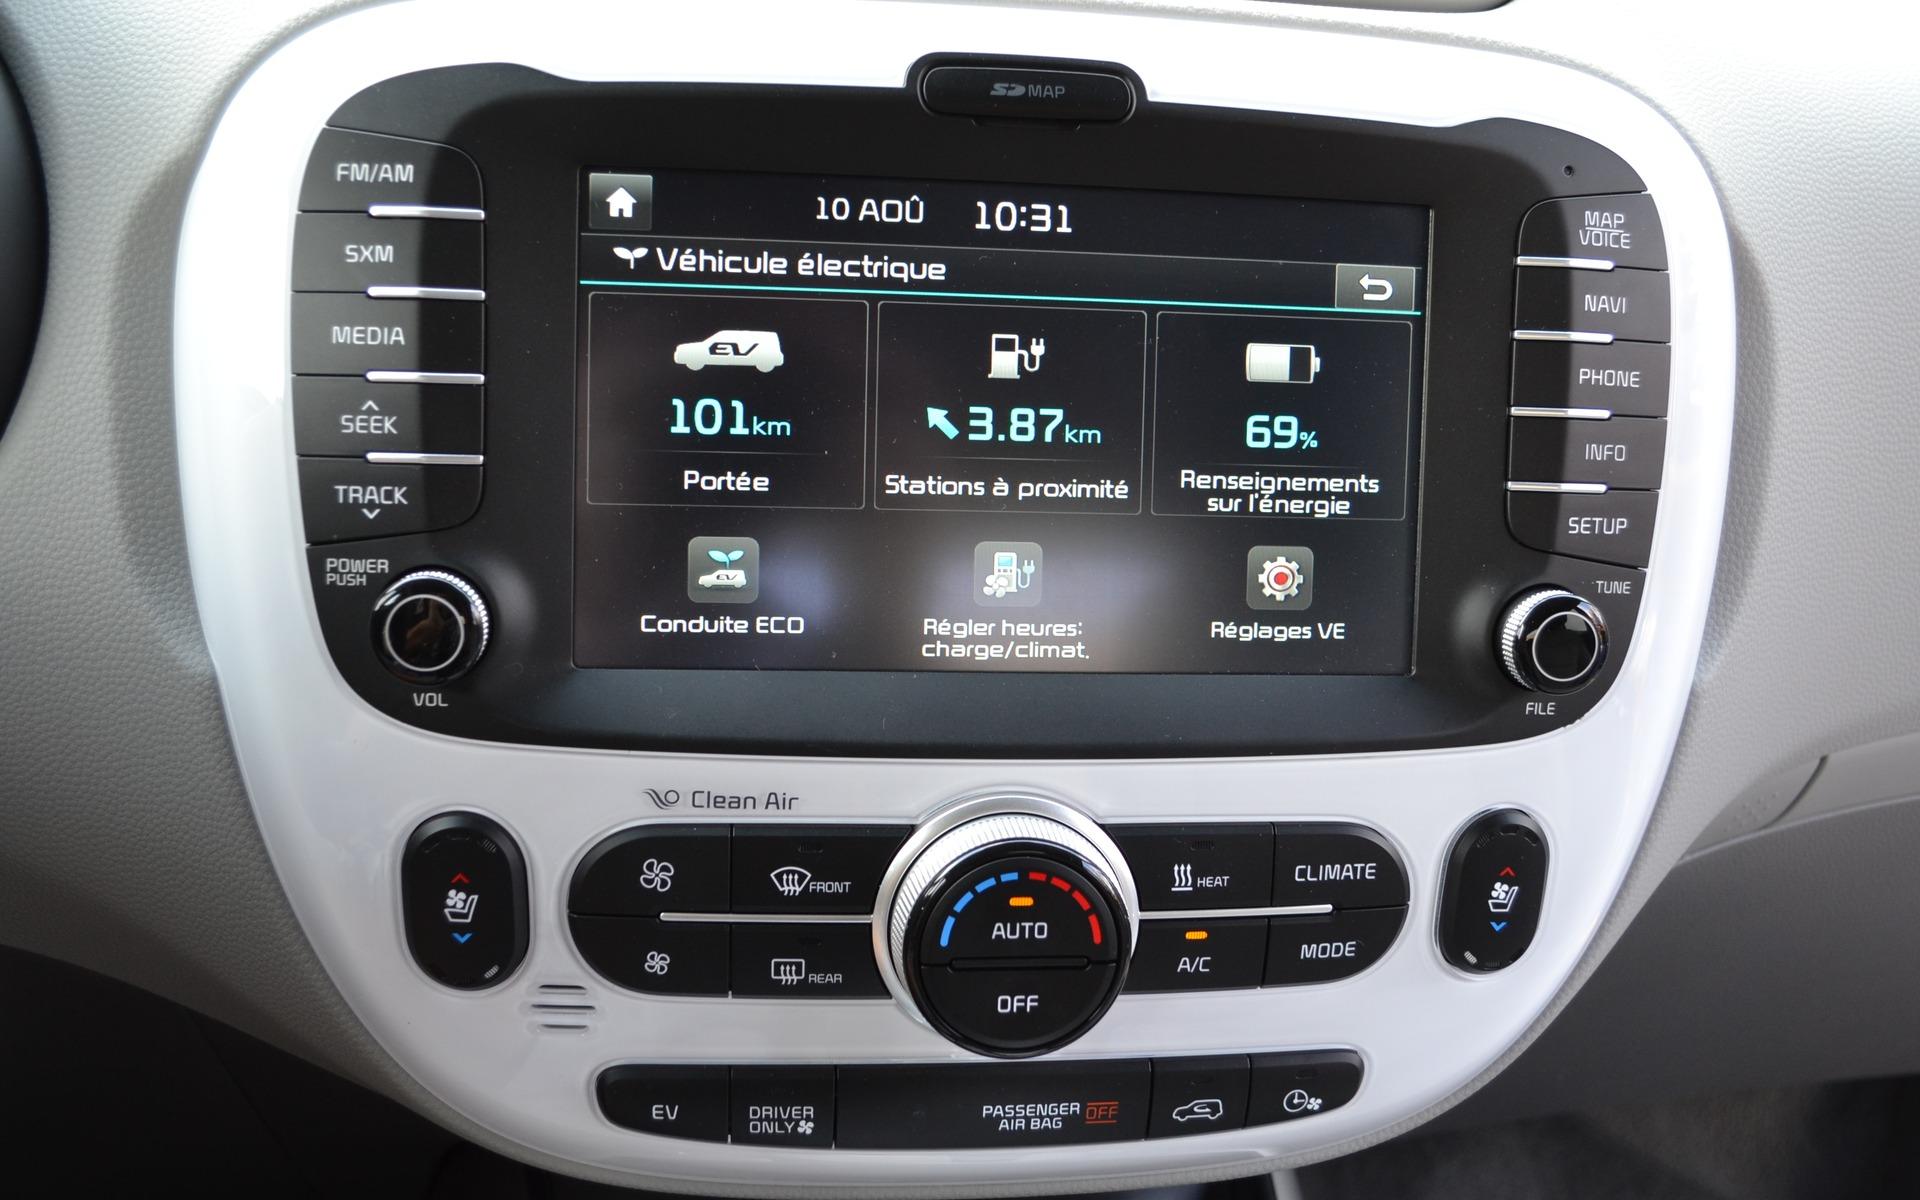 L'écran présente plusieurs informations utiles au conducteur